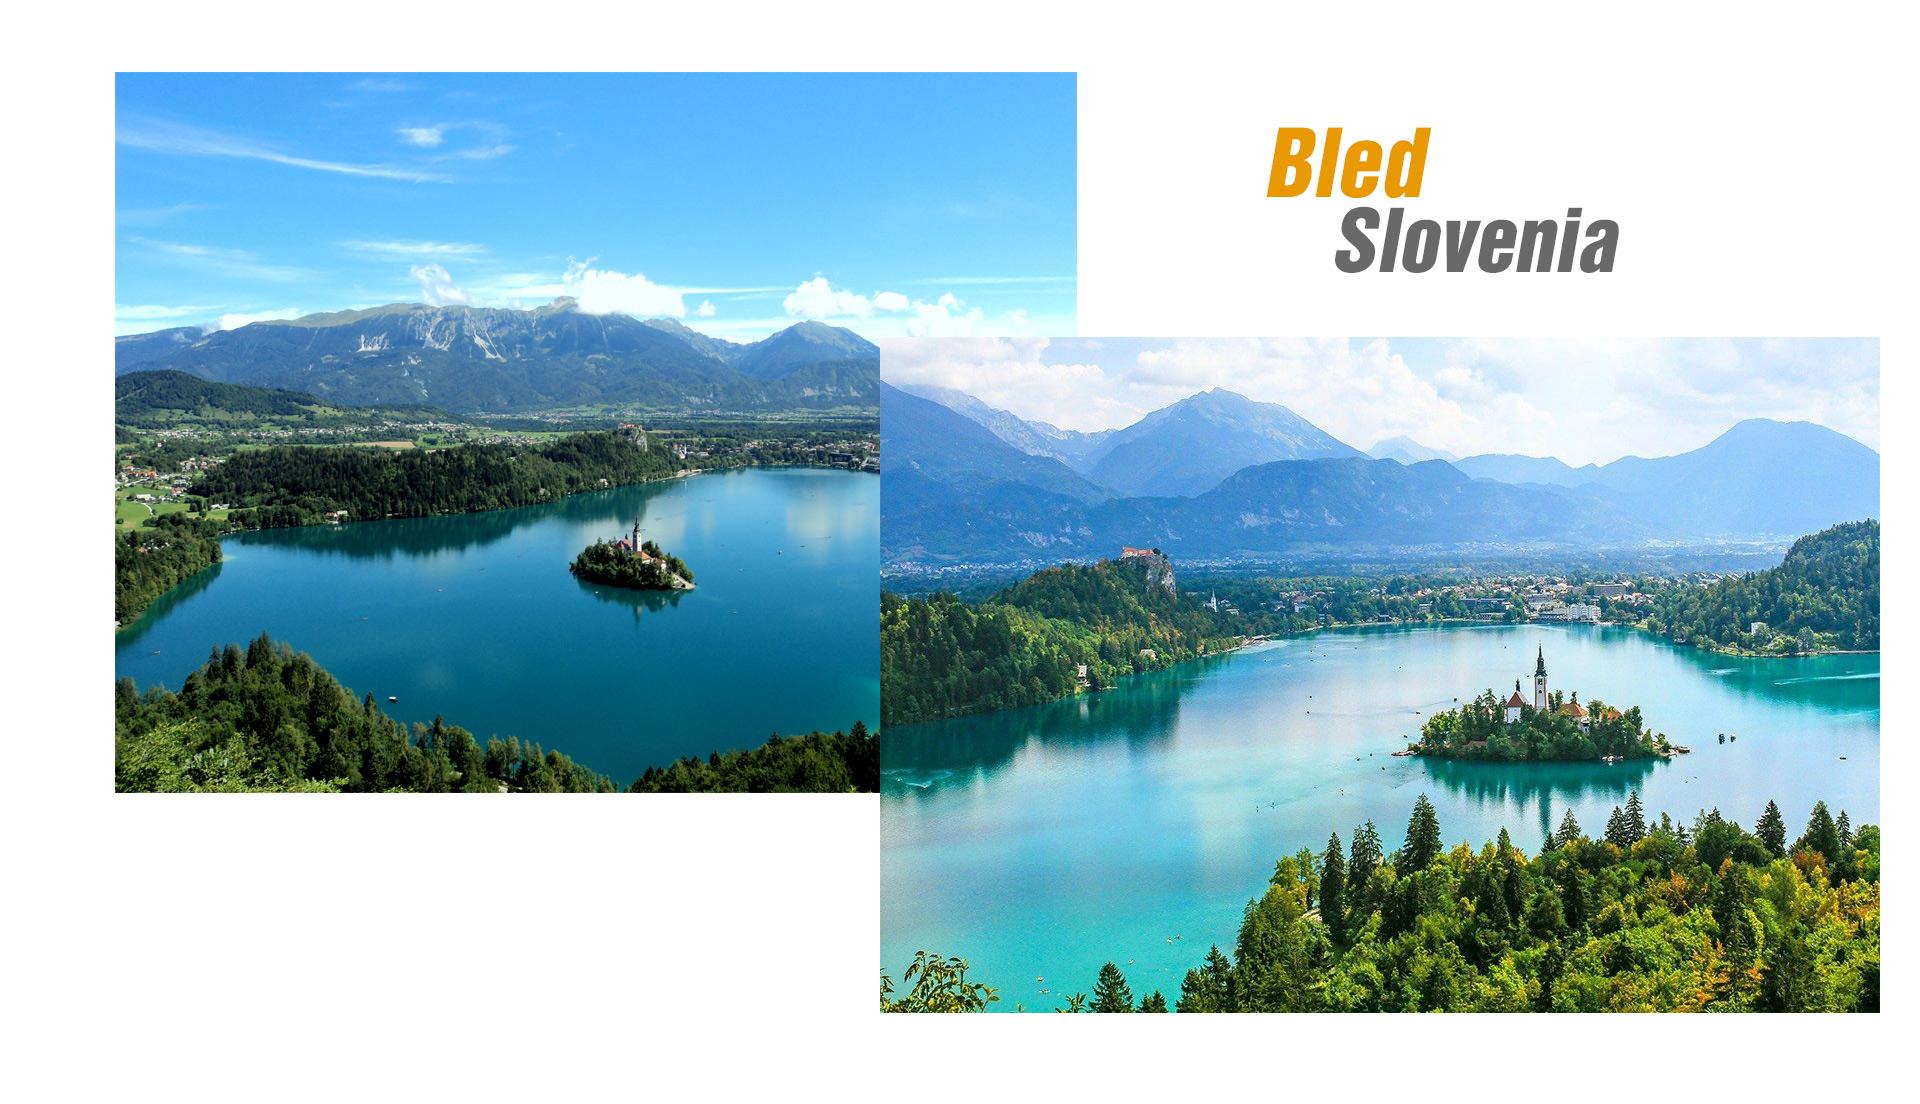 Những thiên đường đẹp nhất châu Âu thu hút hàng triệu du khách mỗi năm - 13